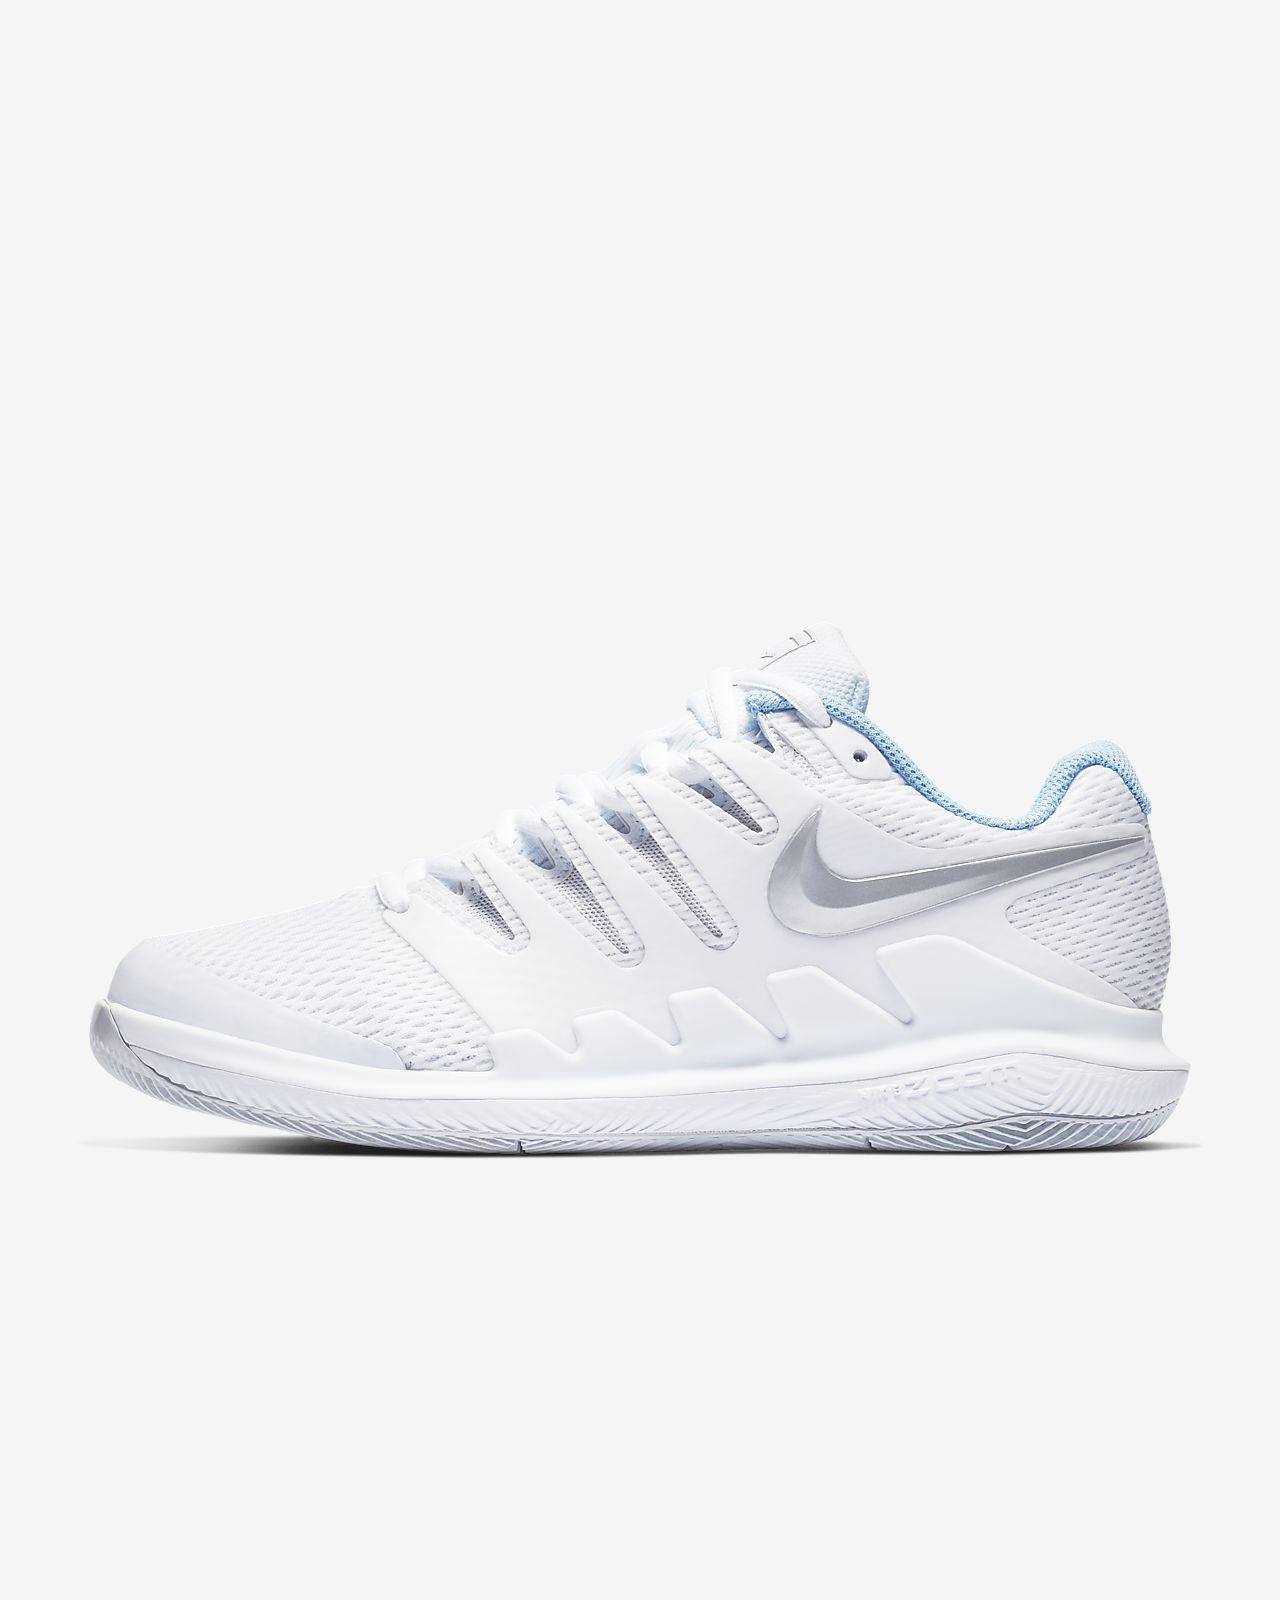 รองเท้าเทนนิสคอร์ทปูนผู้หญิง NikeCourt Air Zoom Vapor X